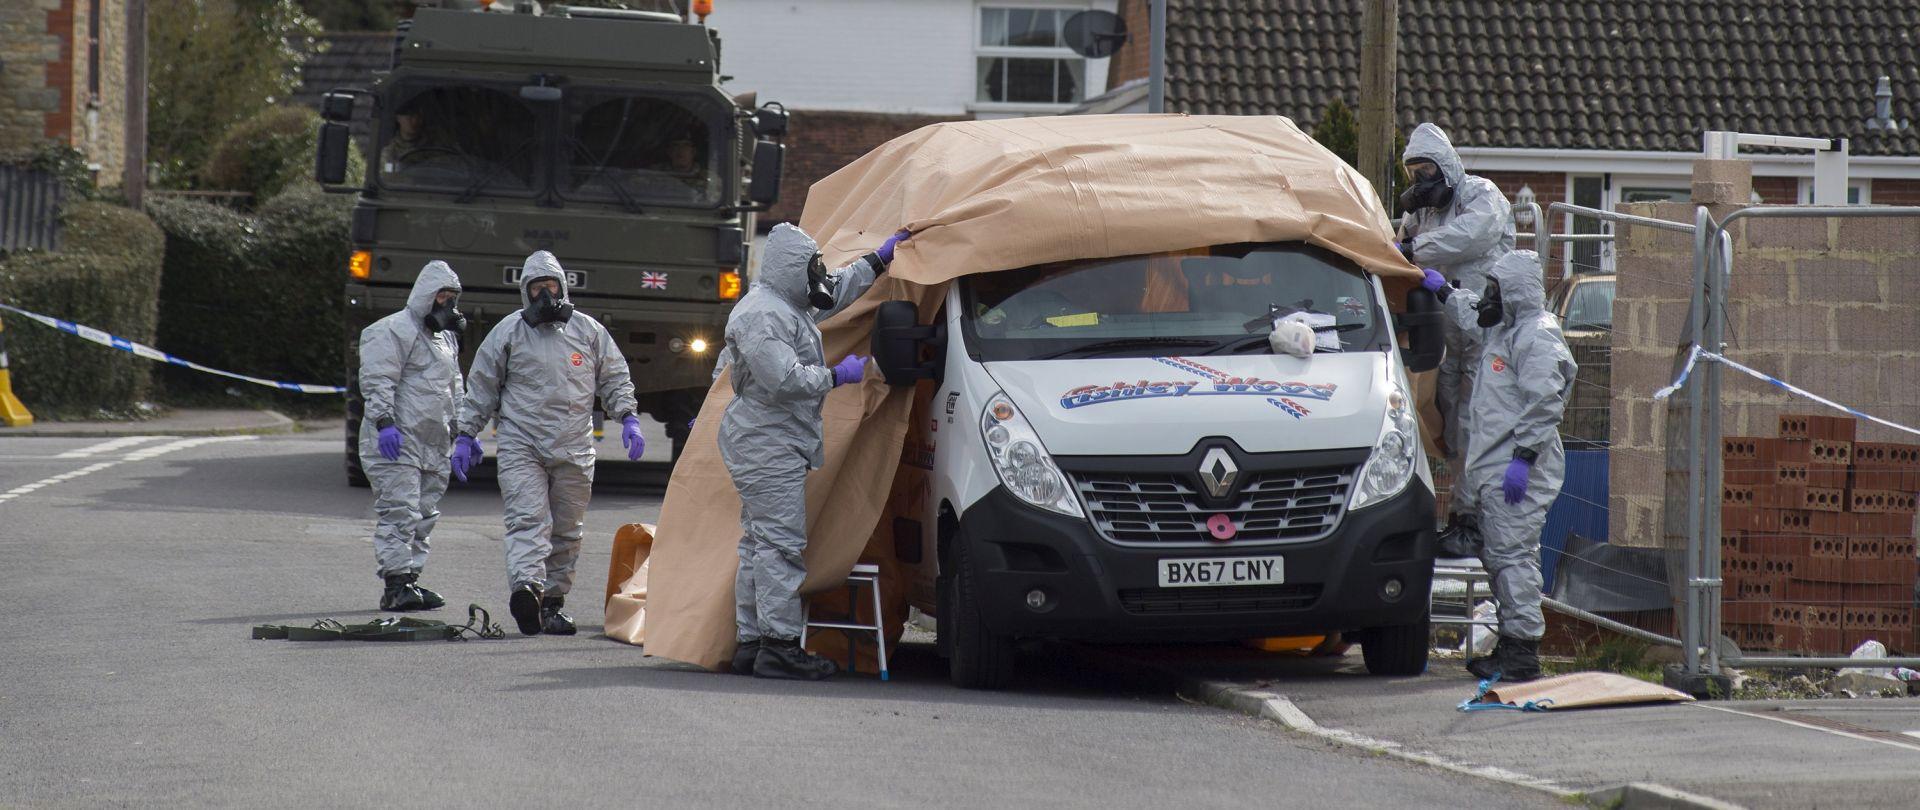 'London treba dokazati optužbe ili se ispričati'